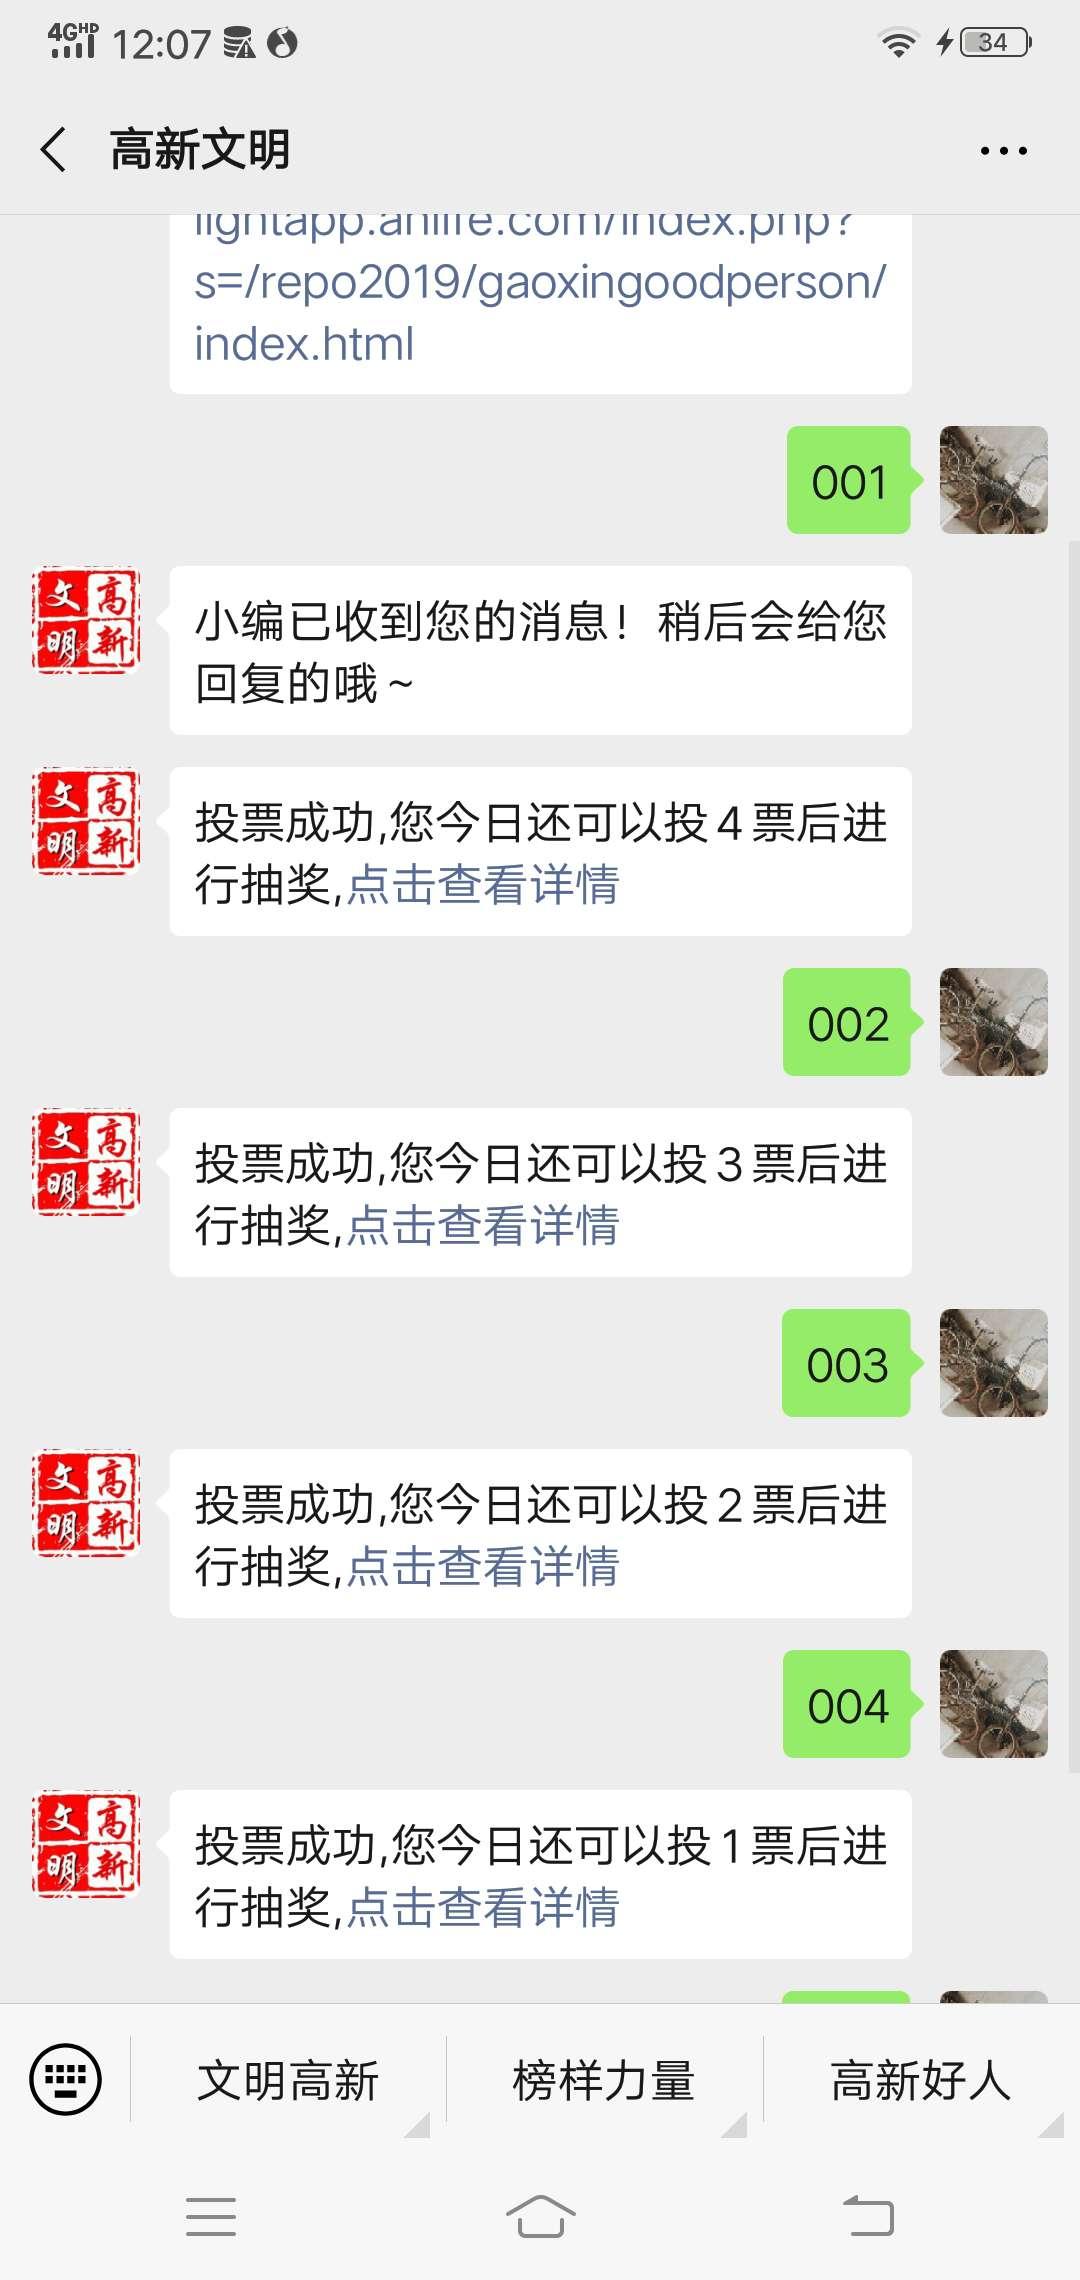 【现金红包】投票抽奖-www.im86.com